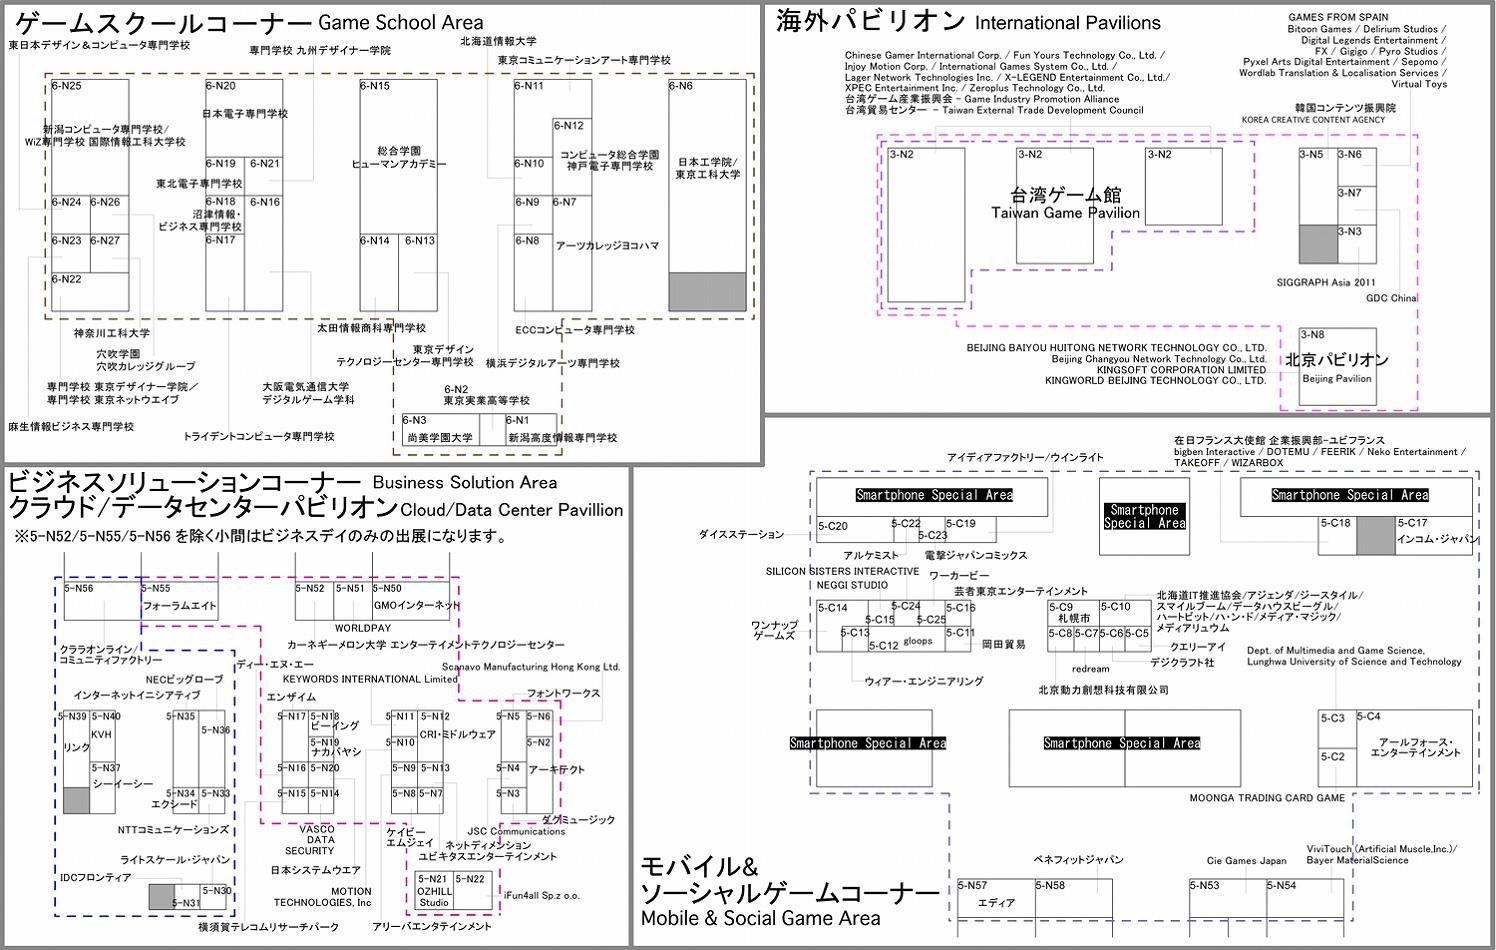 tgs02s-.jpg